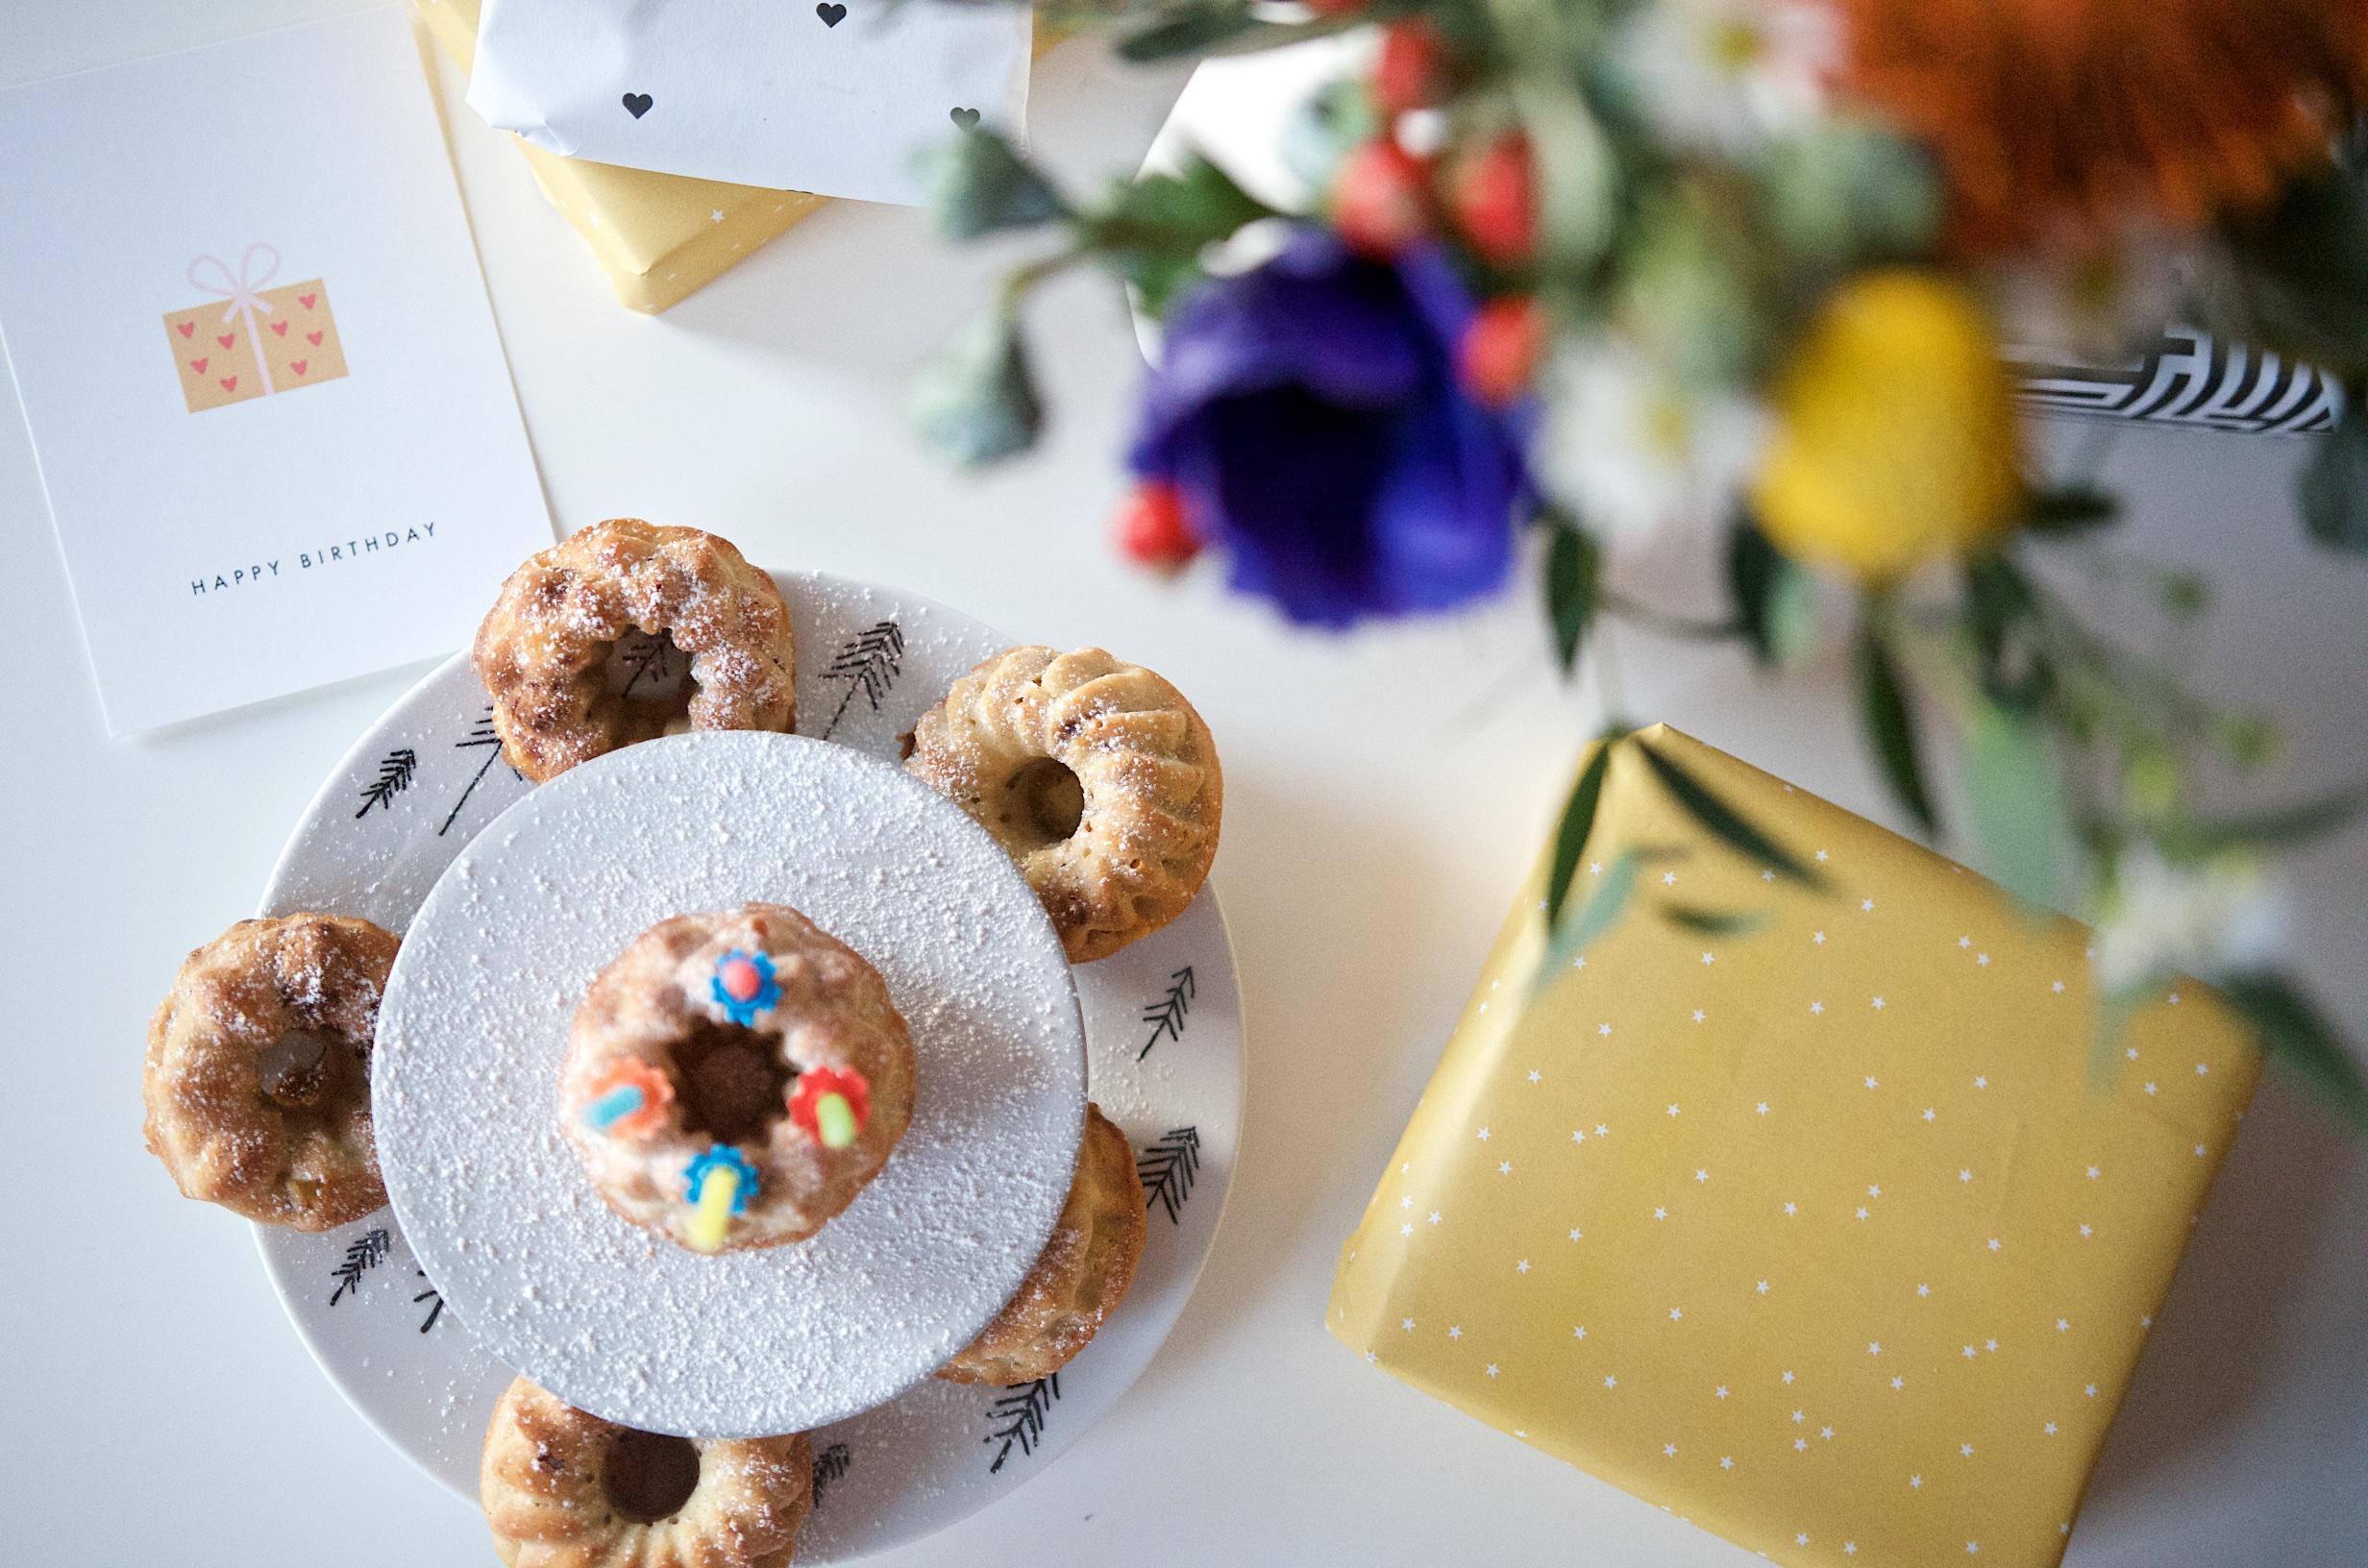 rezept f r apfel zimt muffins mit karamellisierten waln ssen und inspiration f r geschenke f r. Black Bedroom Furniture Sets. Home Design Ideas